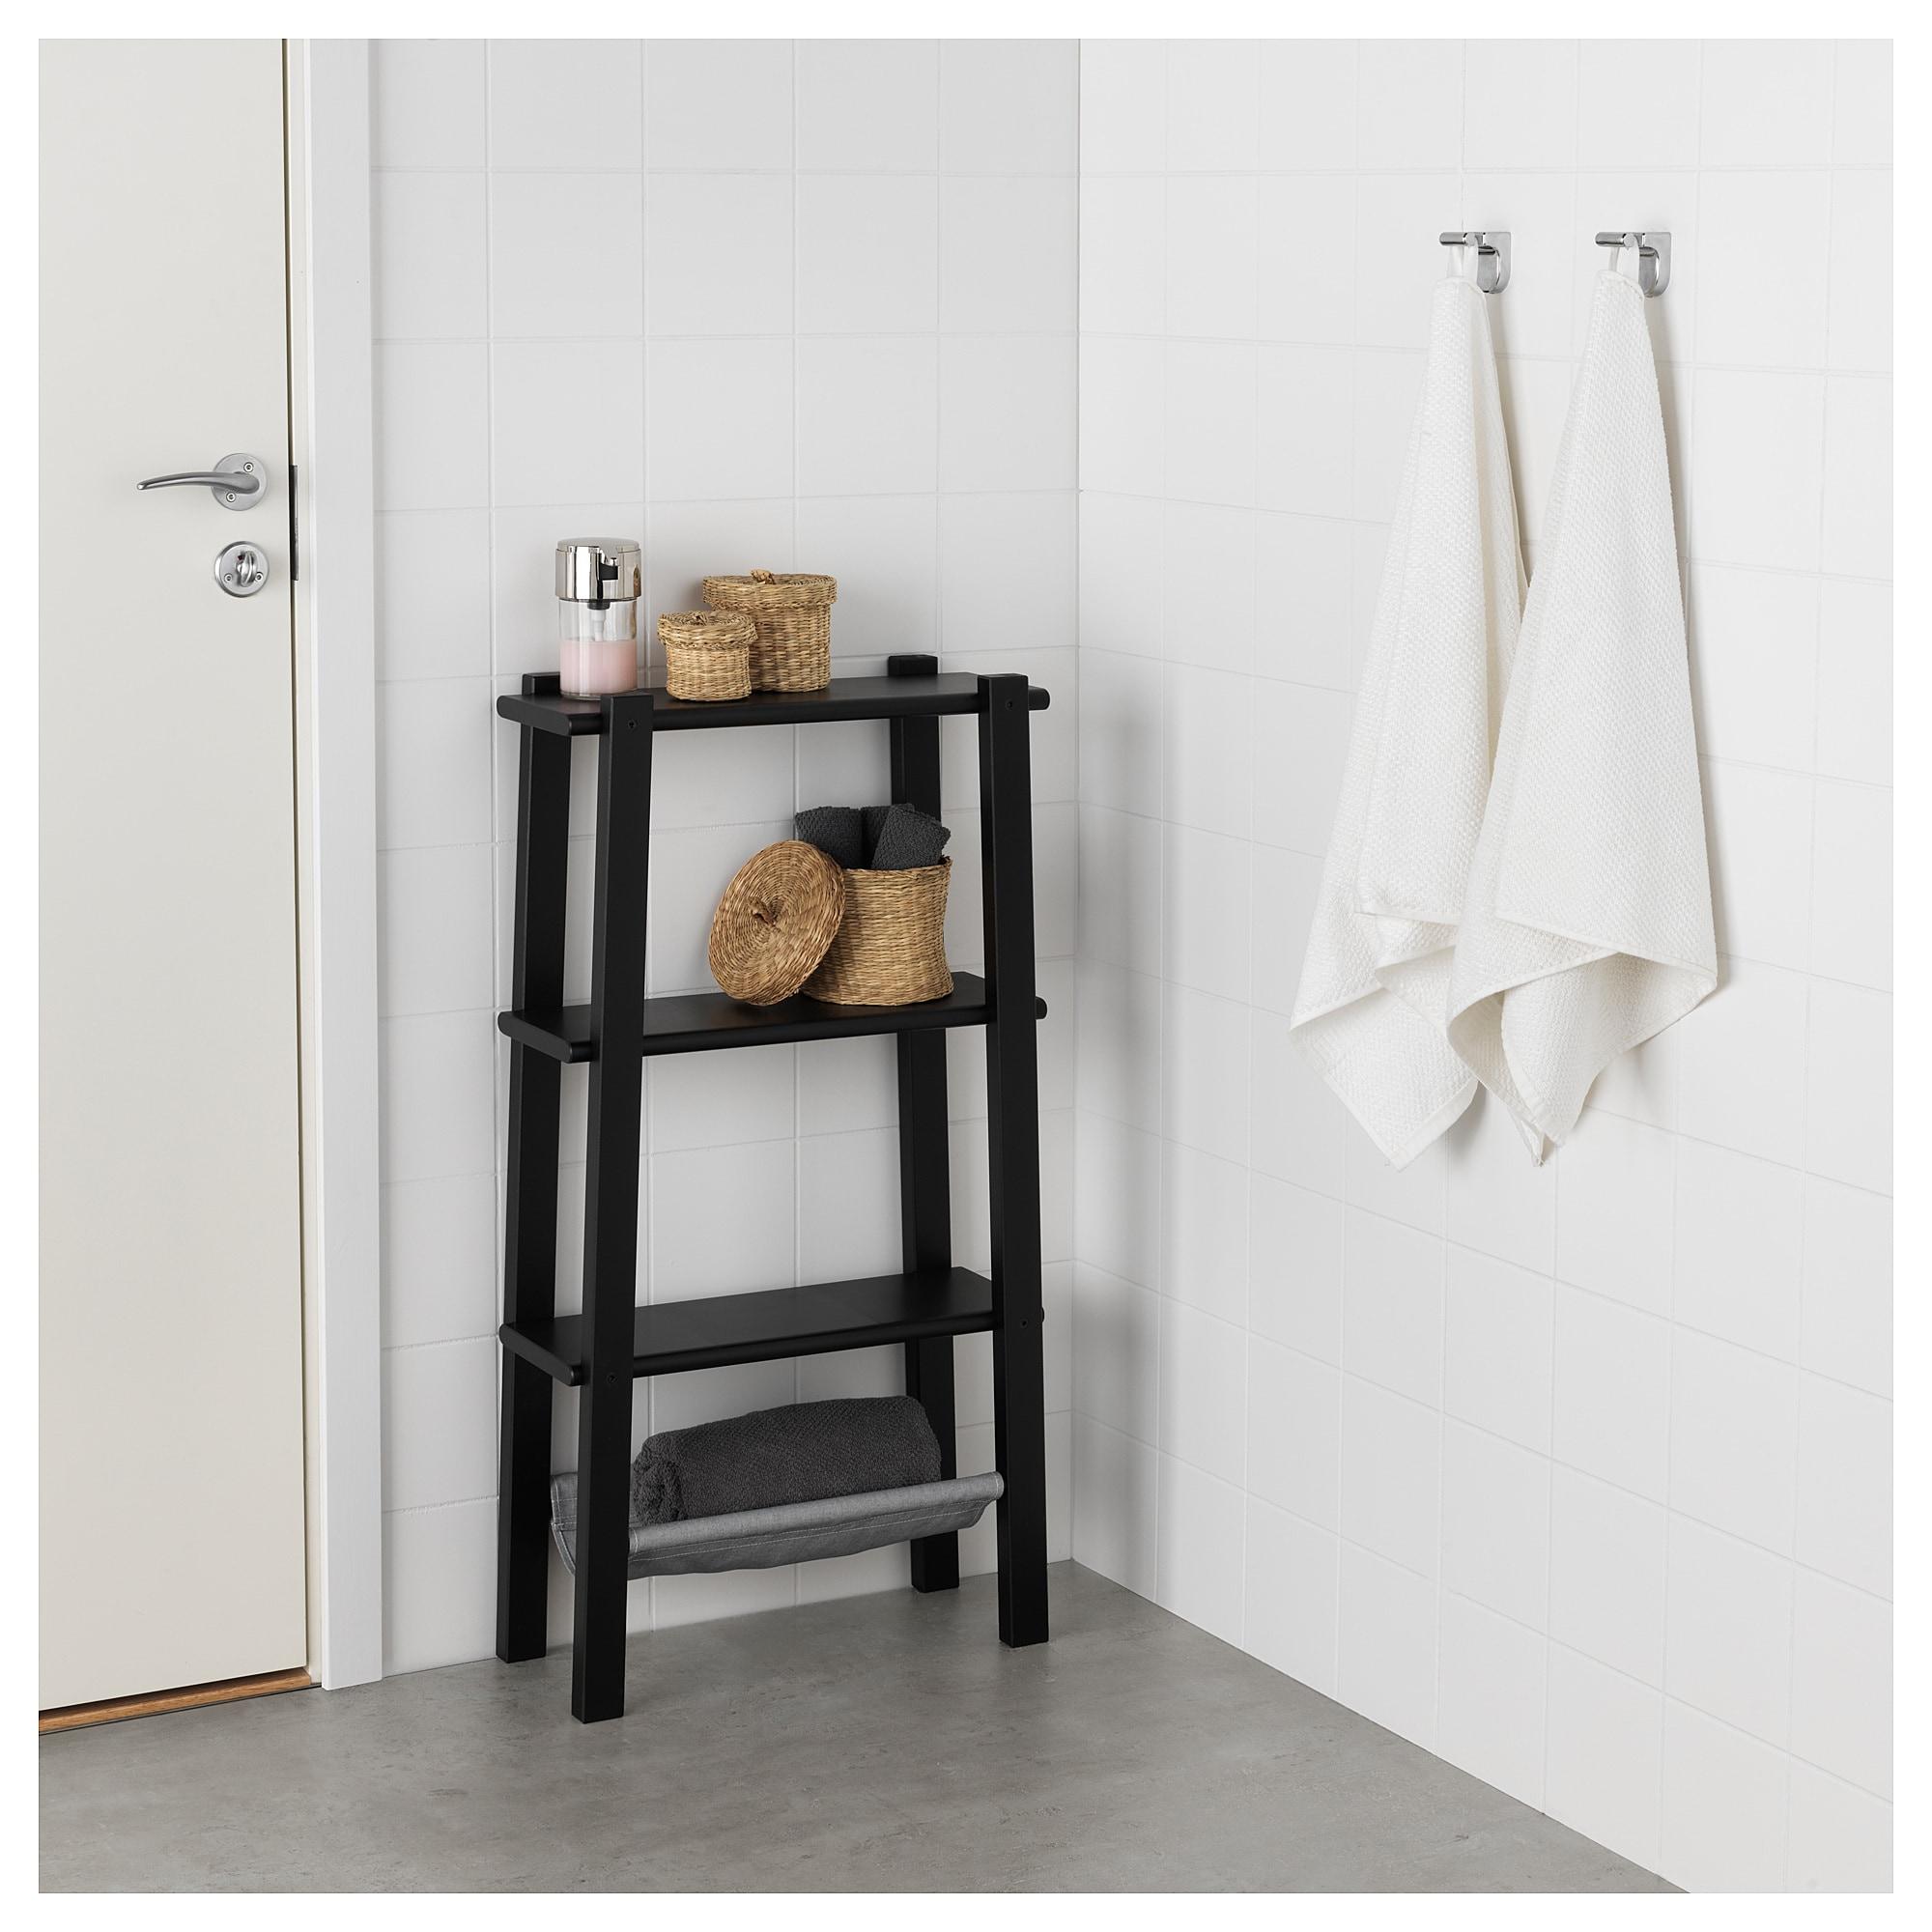 Стеллаж ВИЛЬТО черный артикуль № 003.949.12 в наличии. Online магазин IKEA РБ. Быстрая доставка и монтаж.